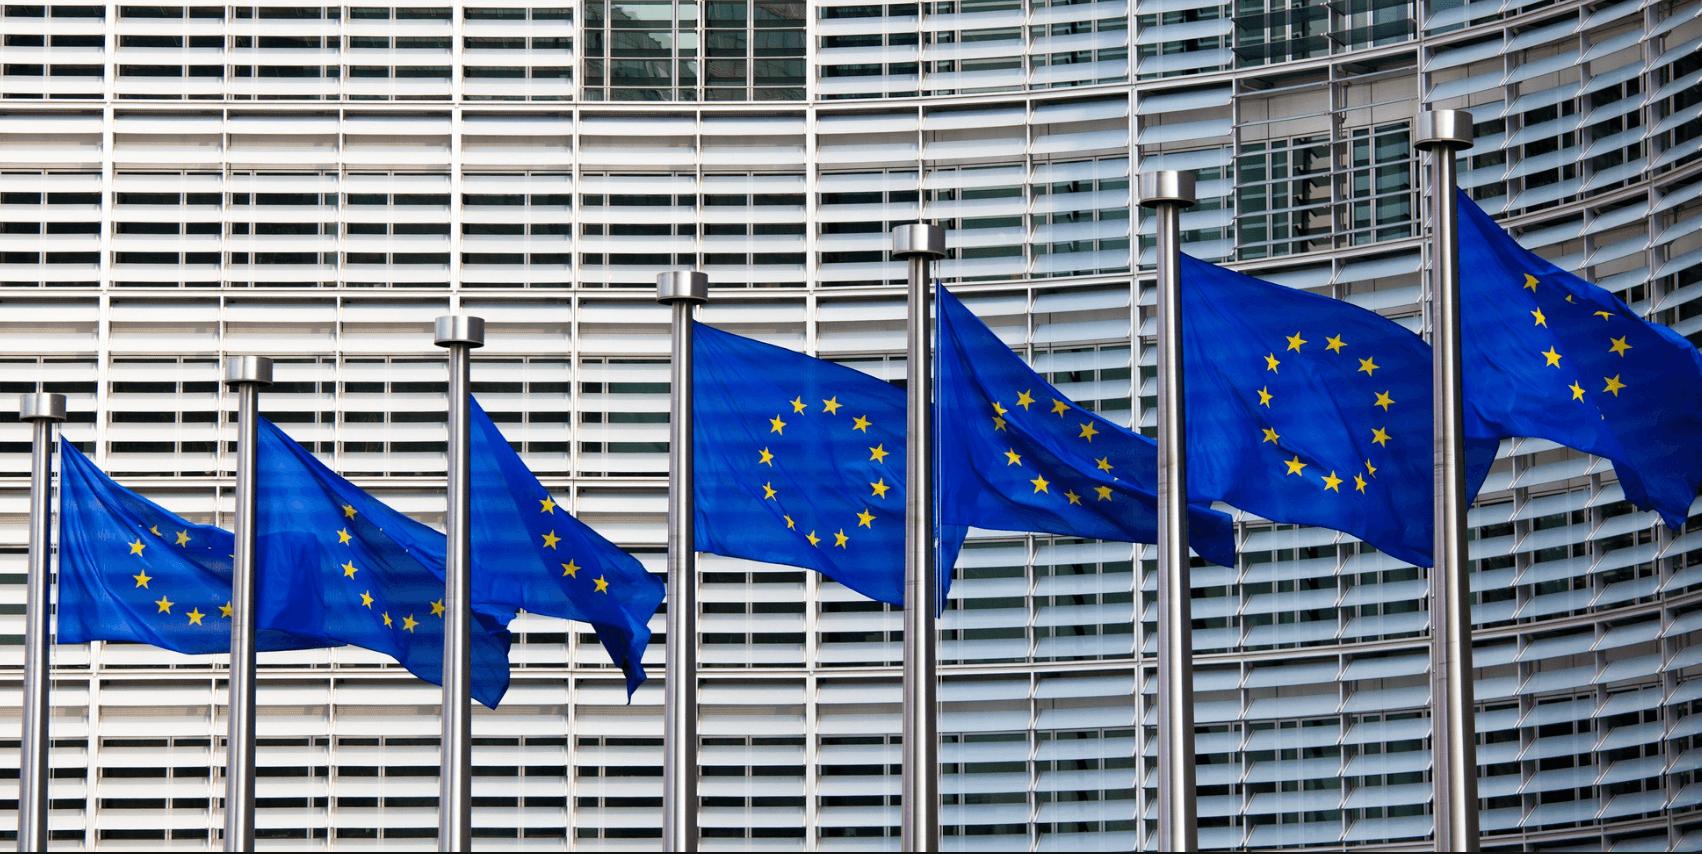 欧州渡航、事前承認を義務化 20年にも